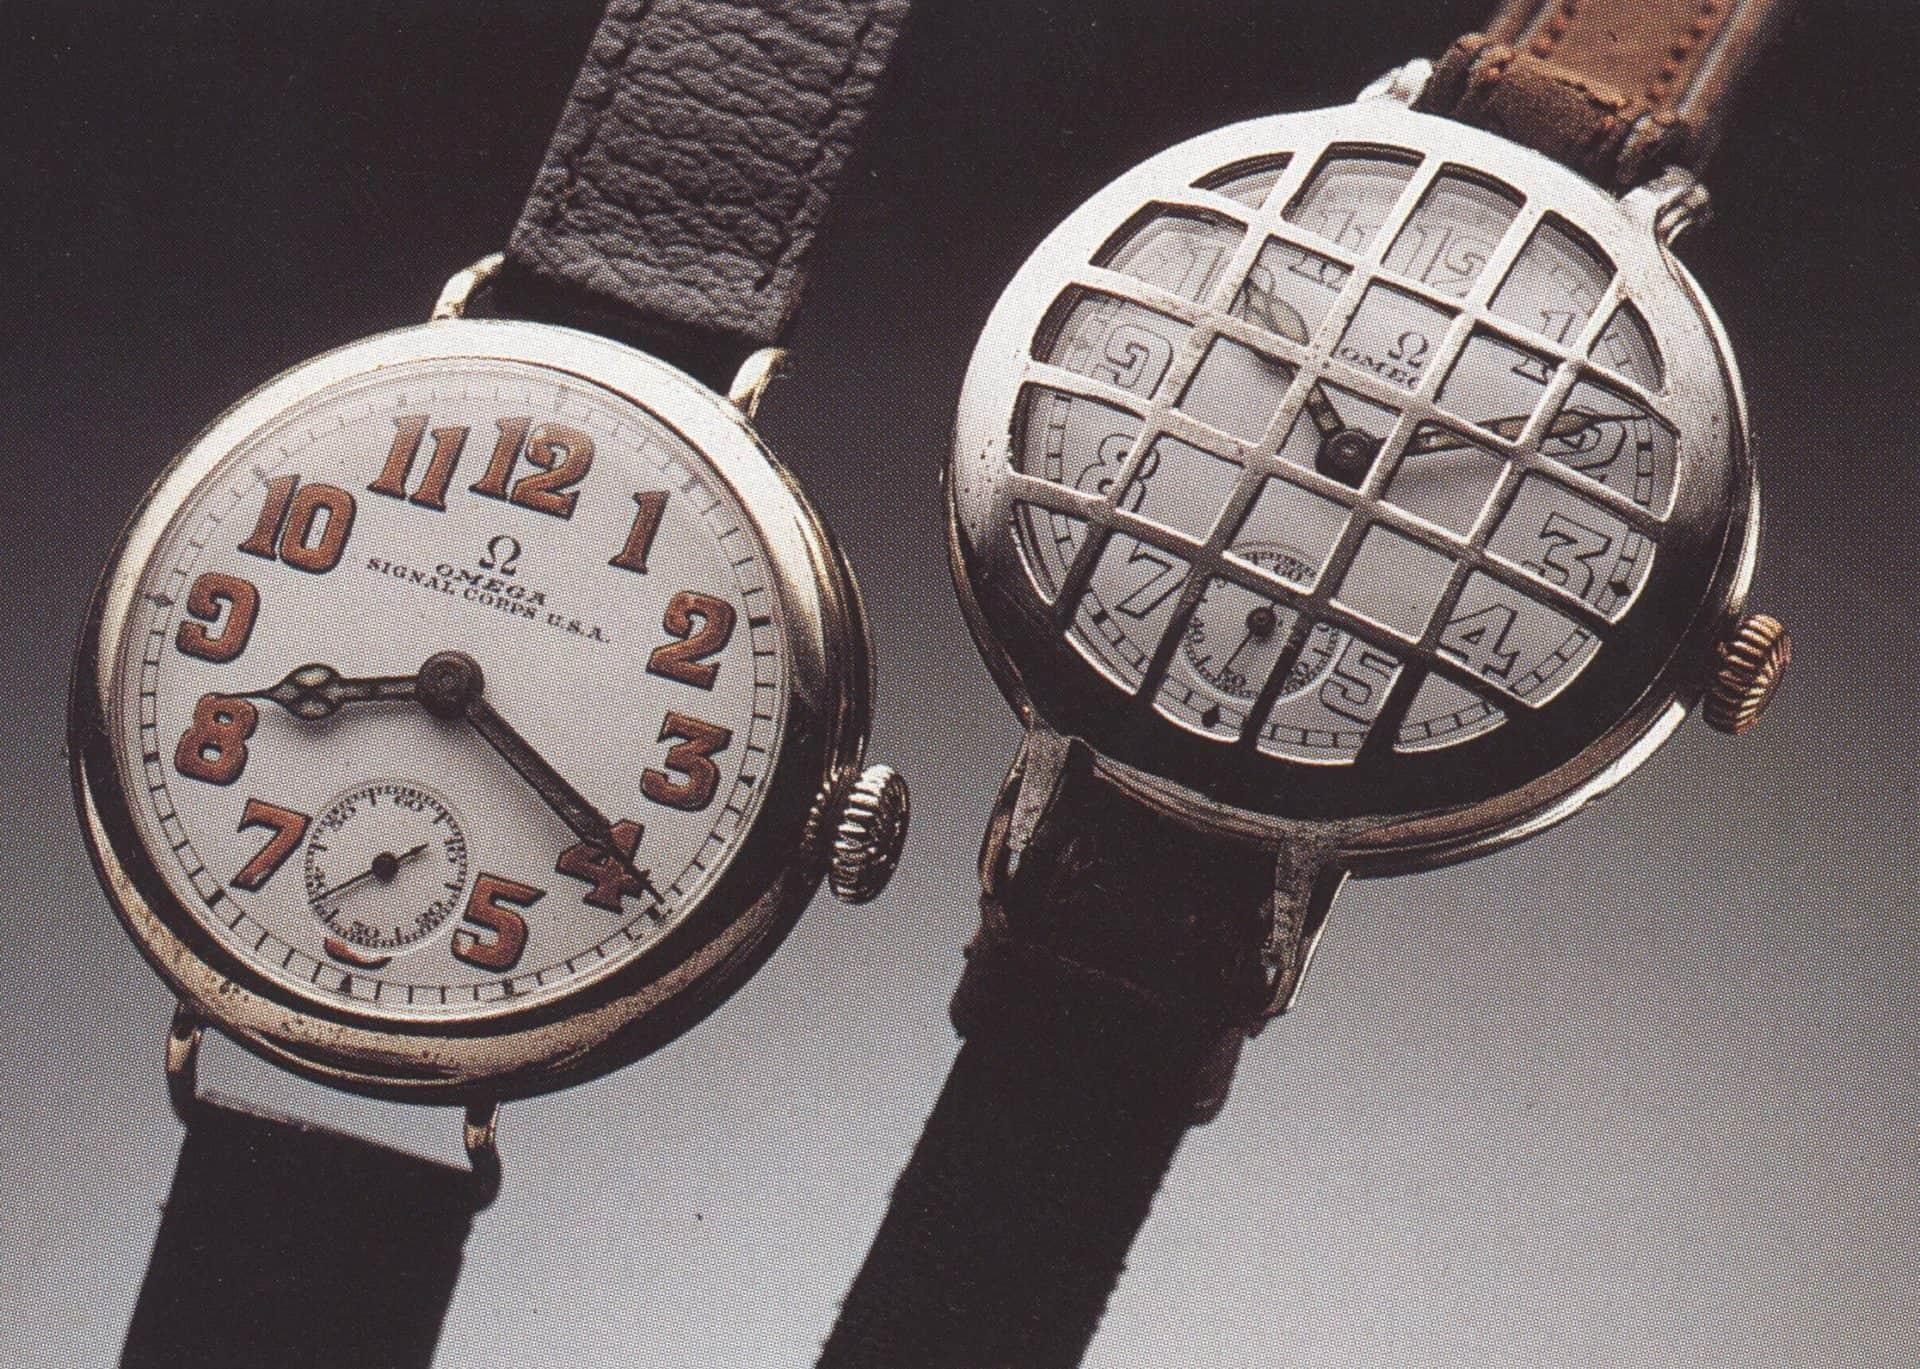 Omega Militär Armbanduhren Kaliber 13 Übermittlungstruppen Modell 1917 links und 1916 rechts